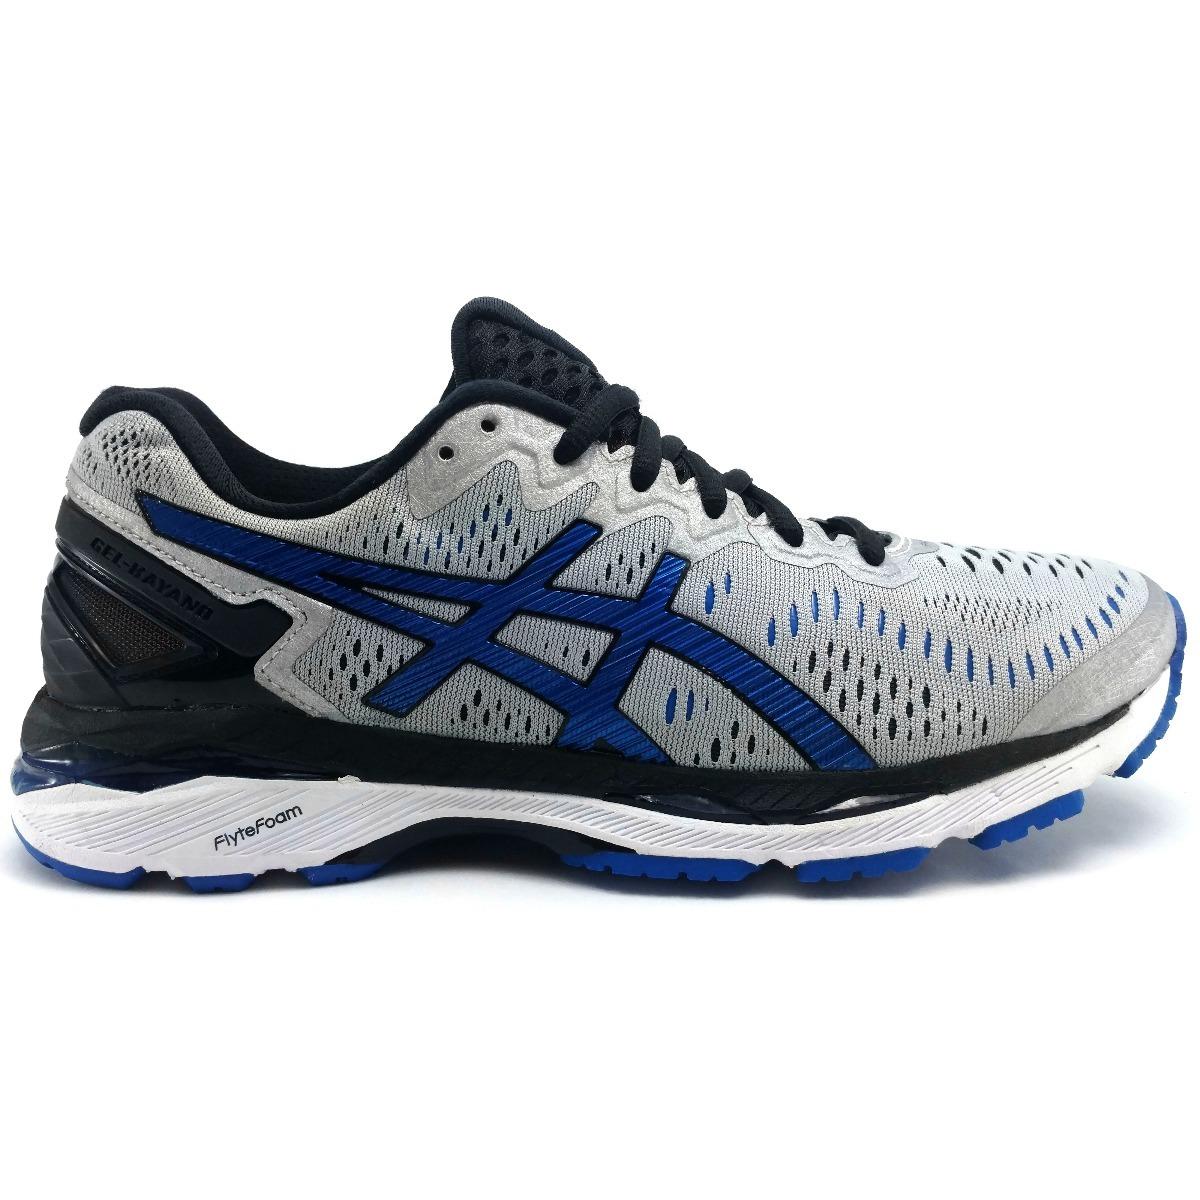 fecfc9a3 Tenis Asics Gel Kayano 23 Plata Azul Correr Running